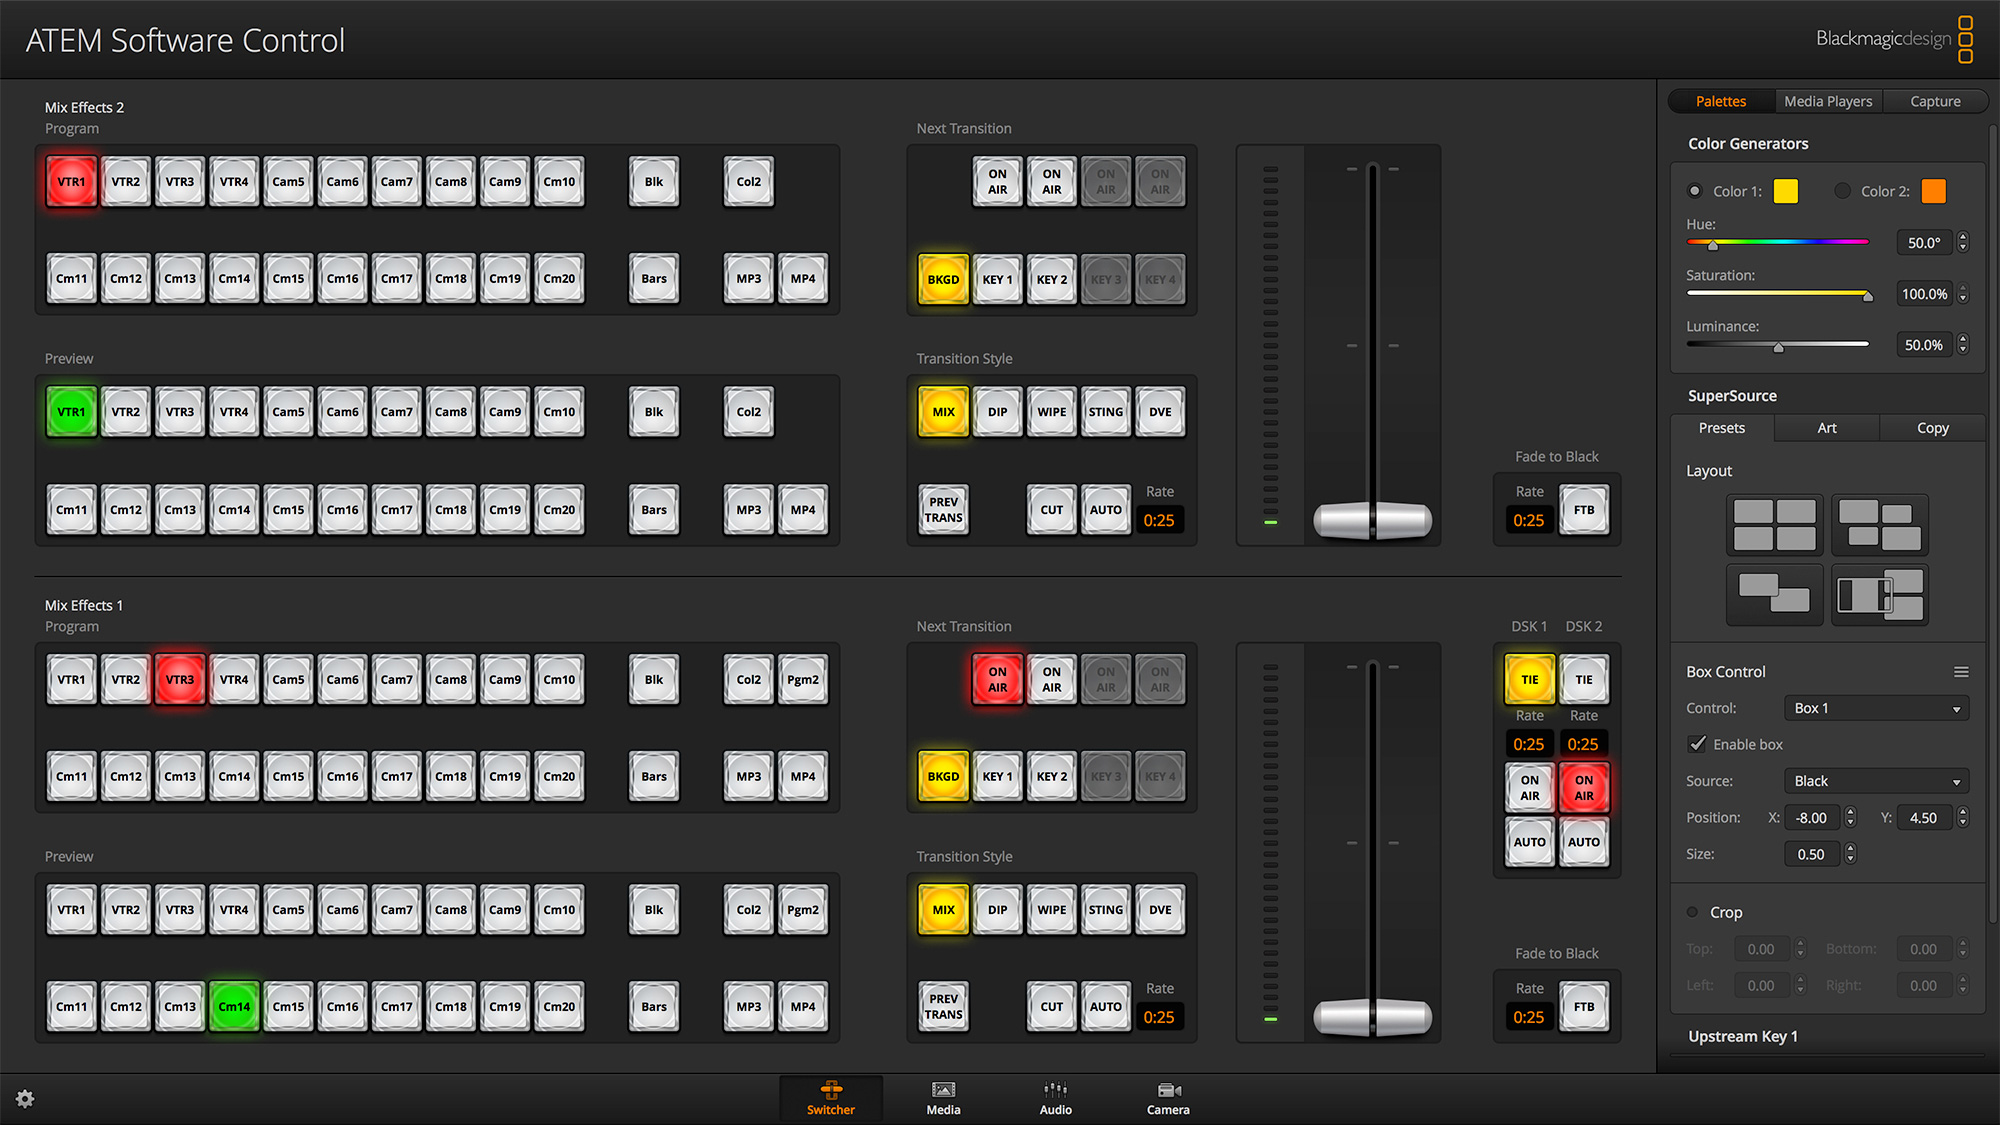 Blackmagic design swatempsw2me4k atem 2 m e production for Control m architecture